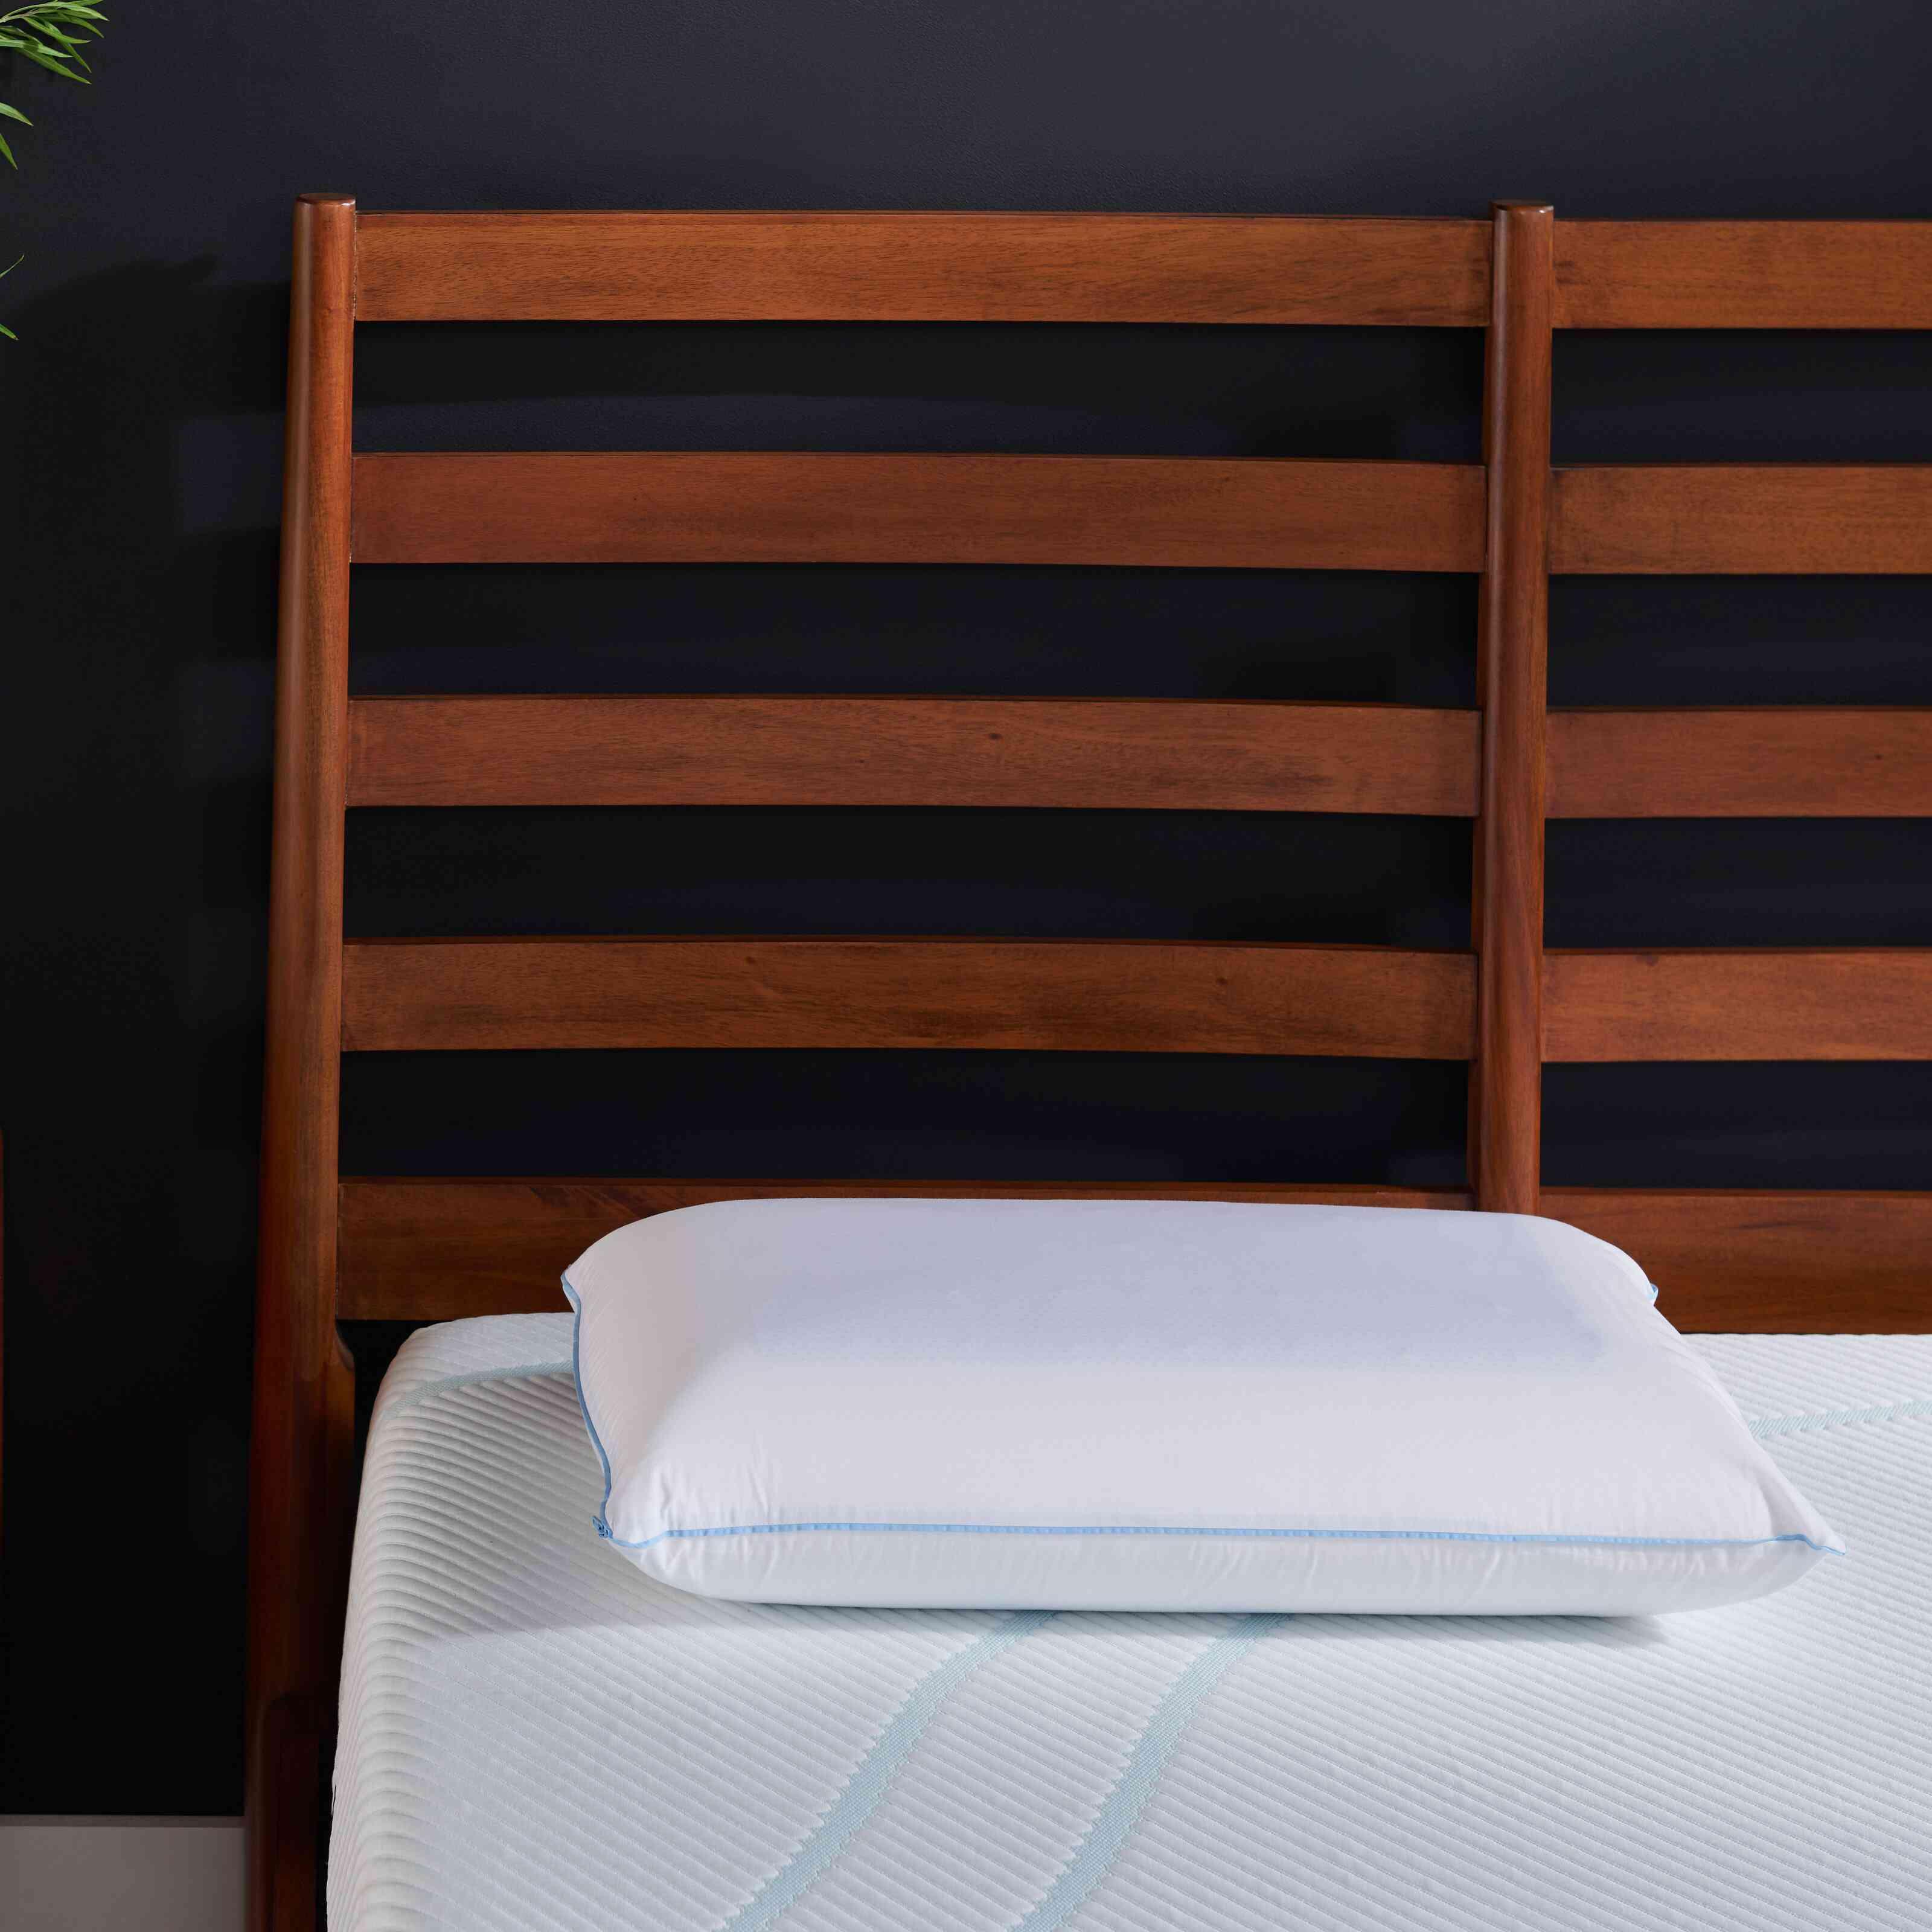 Queen White Tempur-Cloud Breeze Dual Cooling Memory Foam Medium Support Pillow